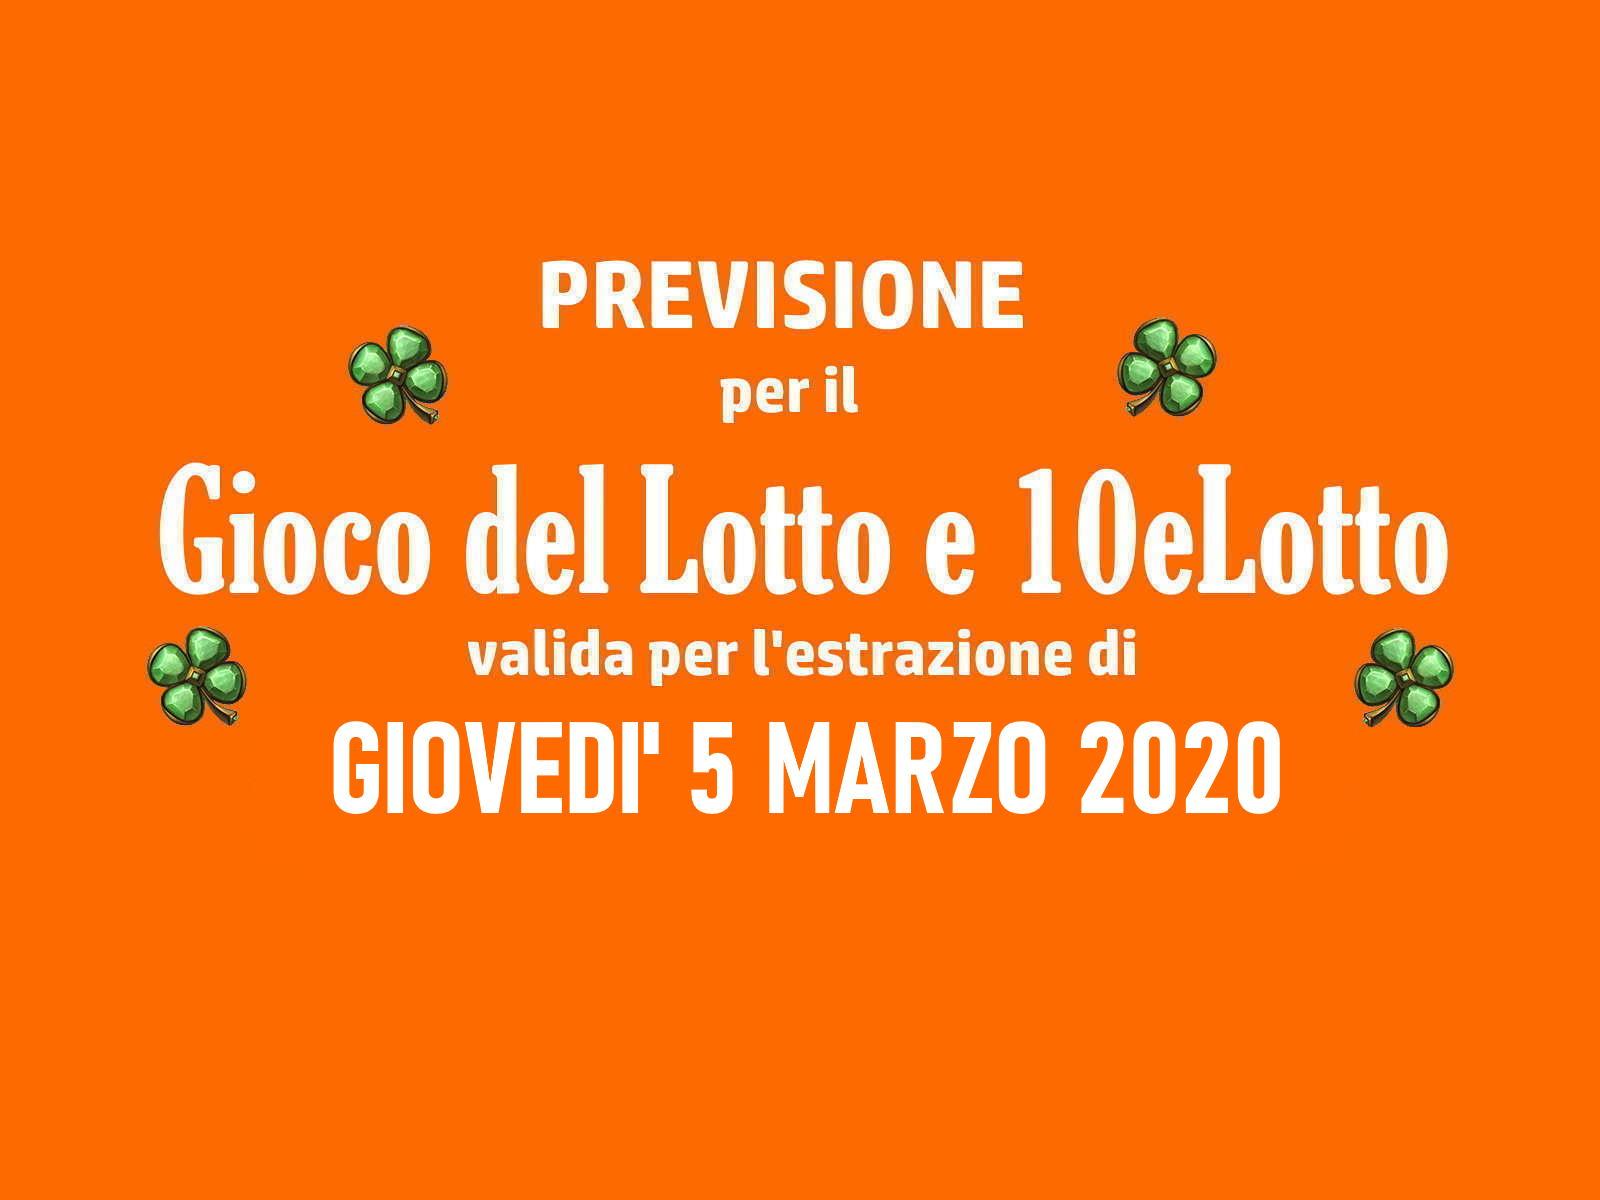 Previsione Lotto 5 Marzo 2020